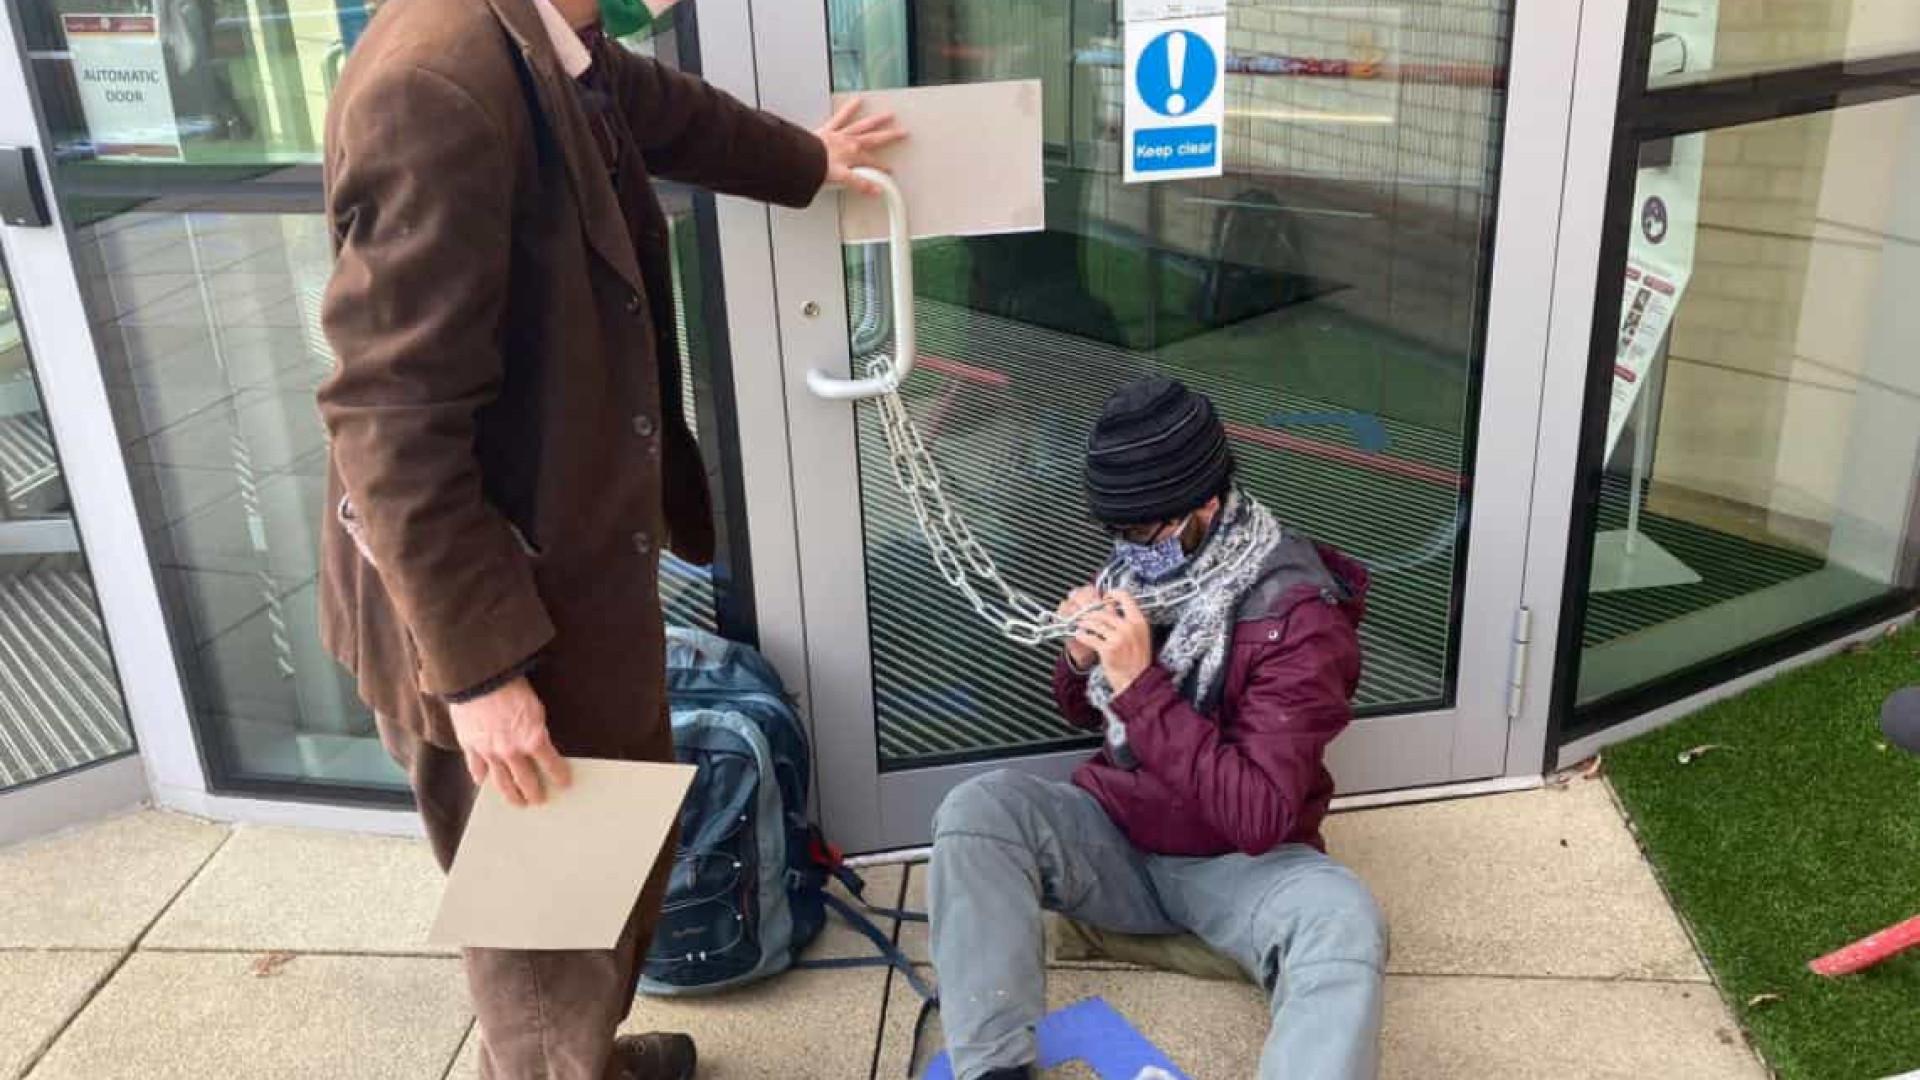 Ativistas bloqueiam entrada da AstraZeneca em protesto contra patentes